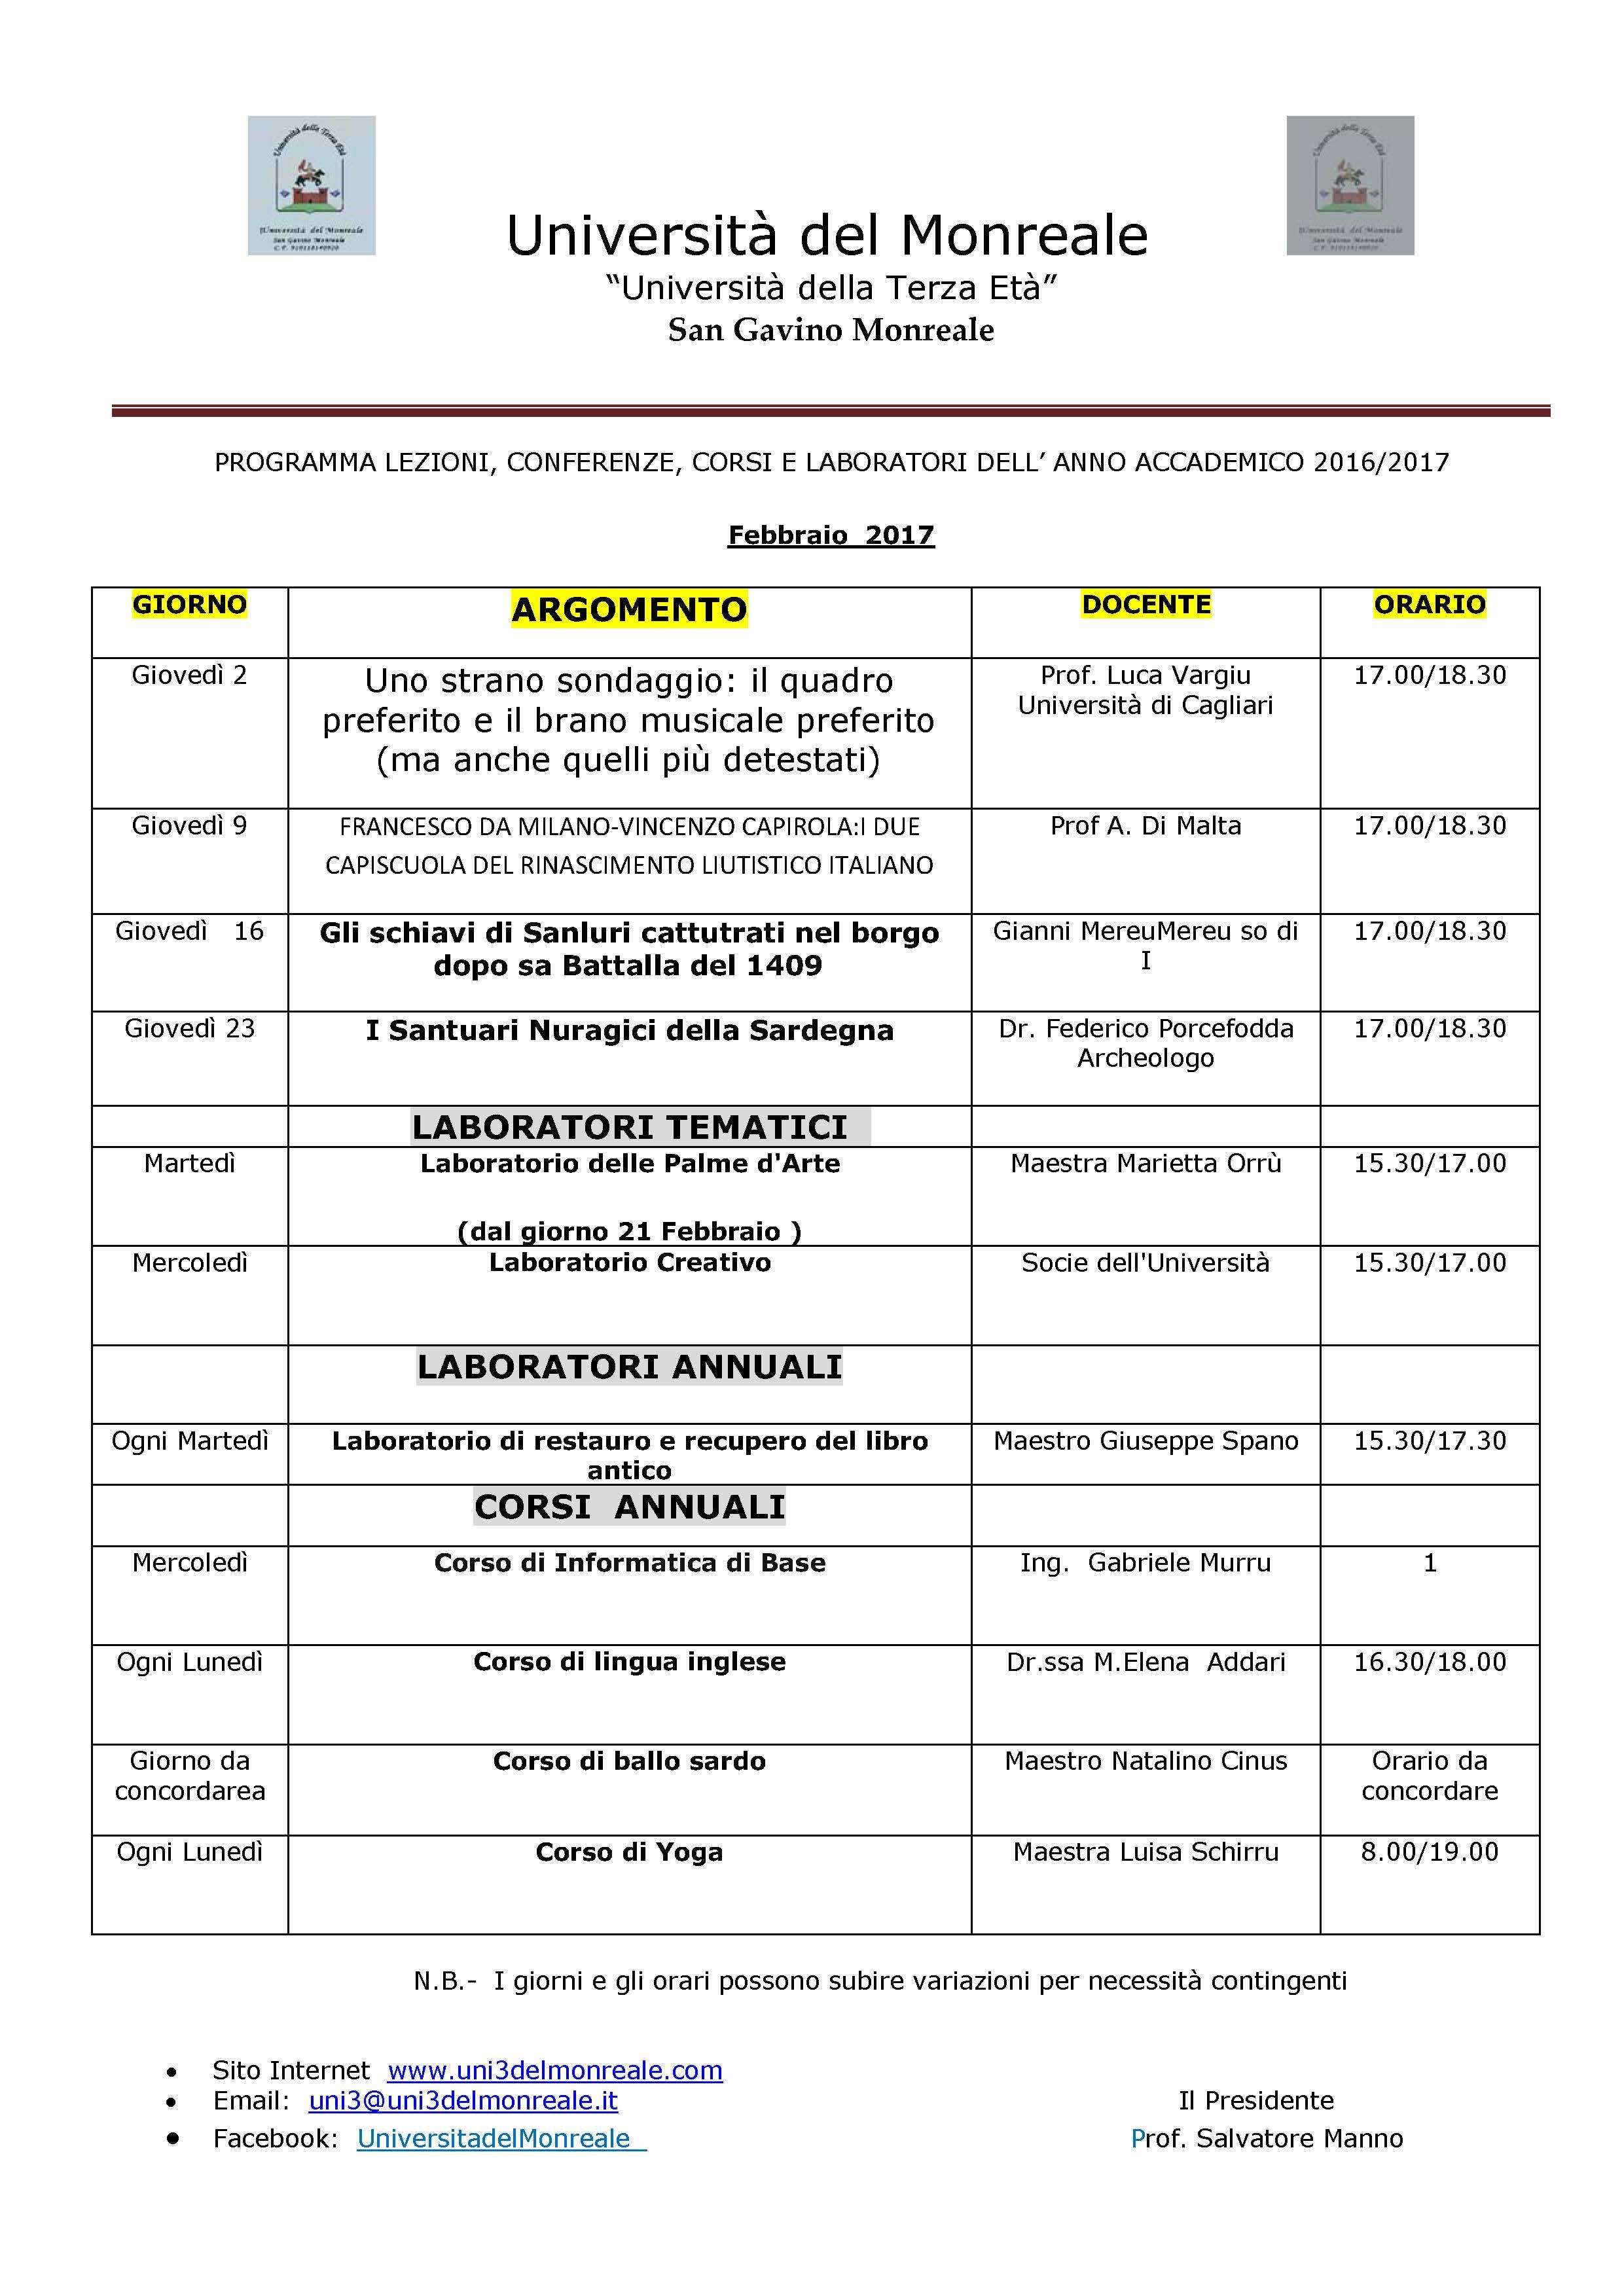 Università del Monreale: lezioni nel mese di Febbraio 2017